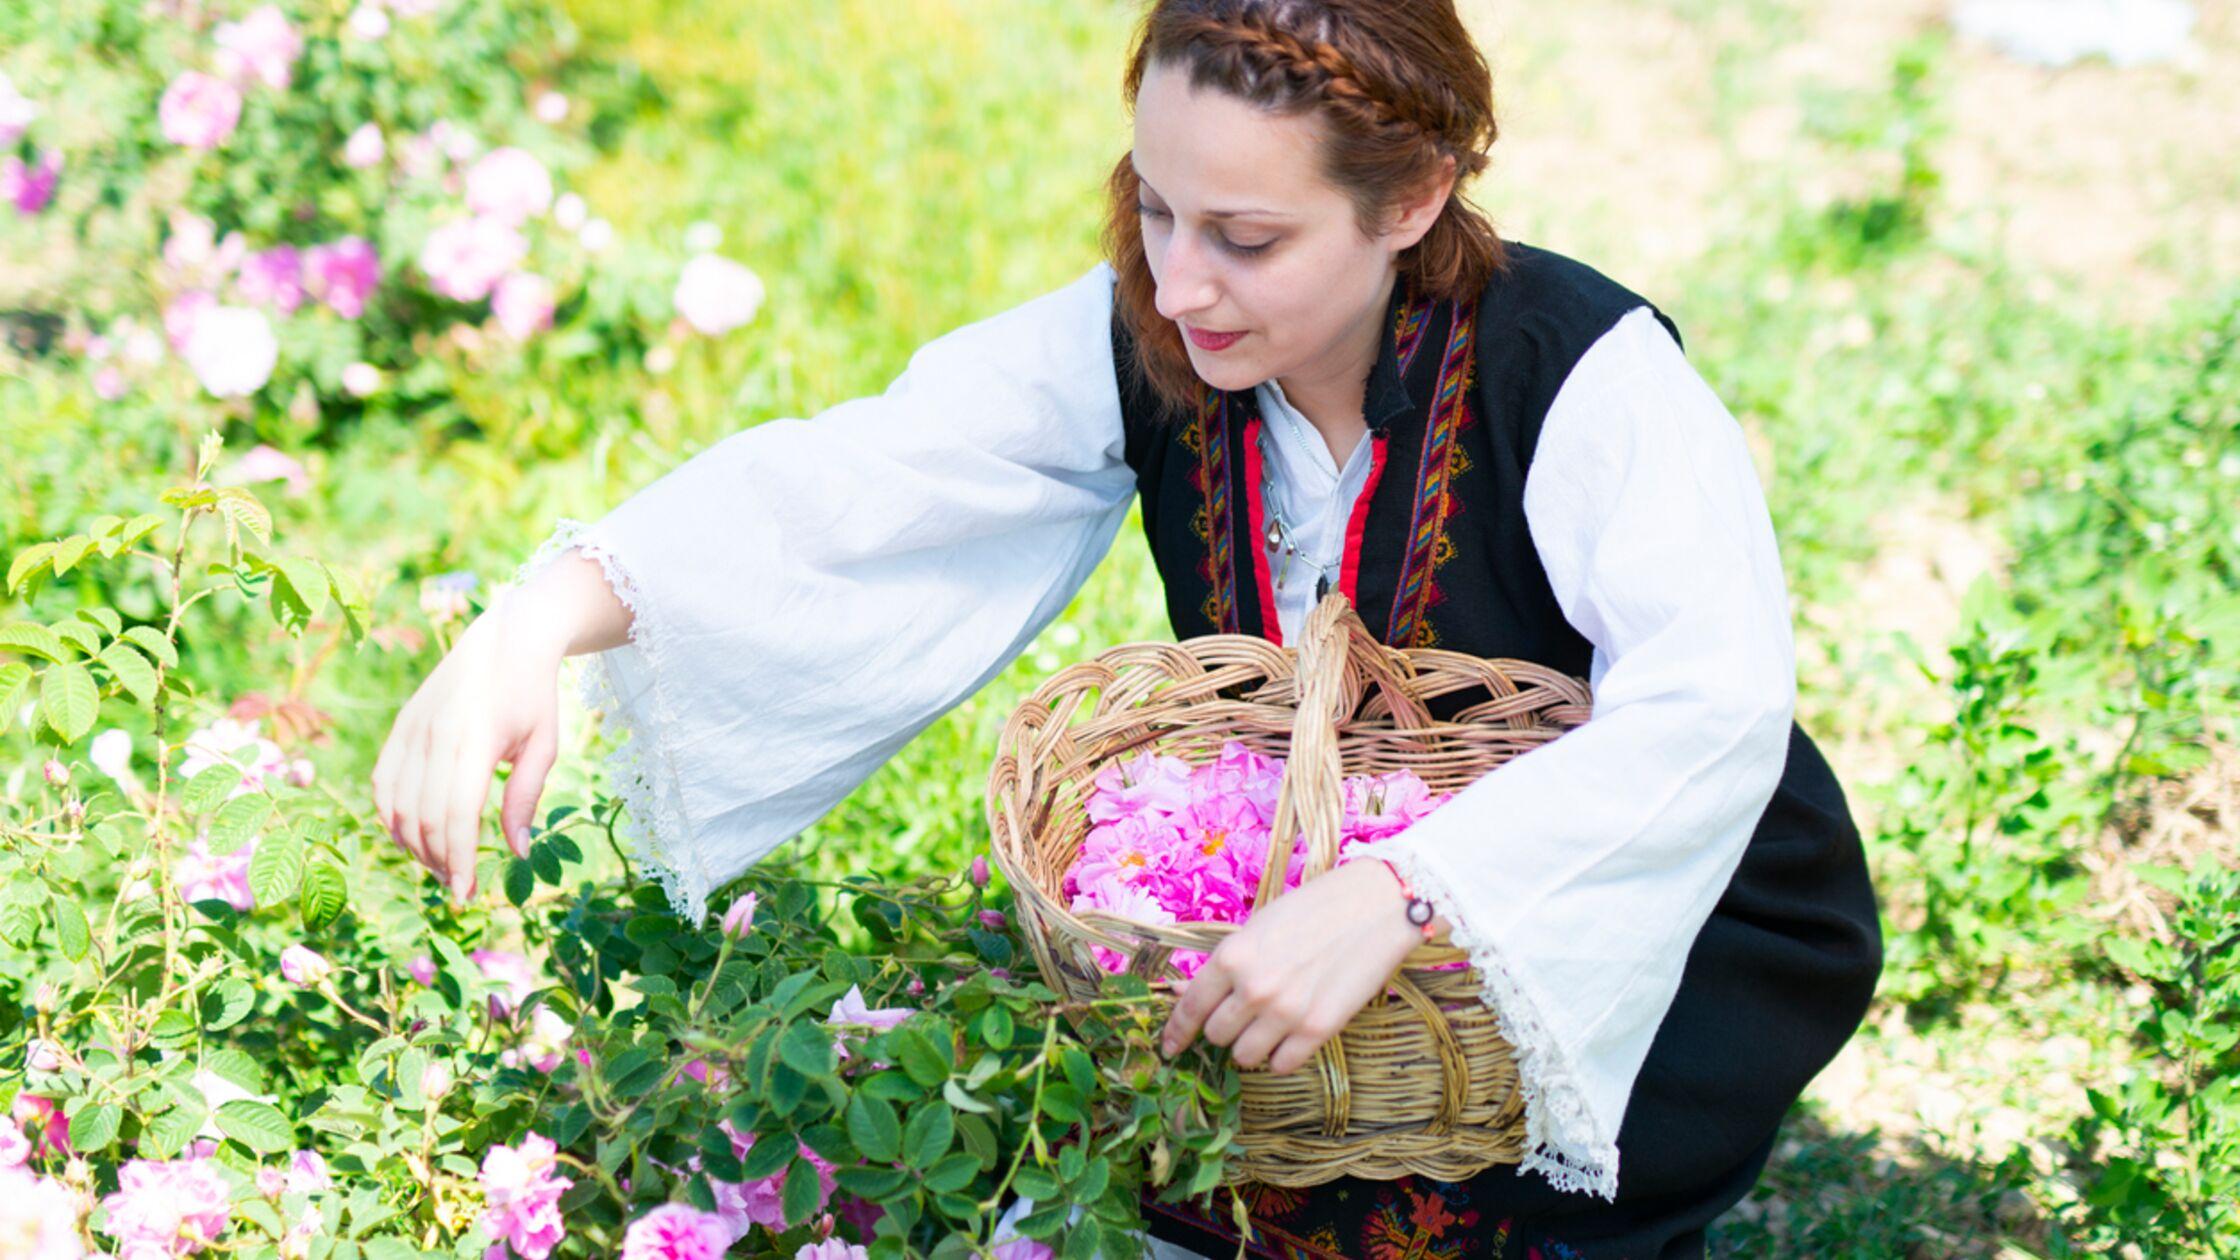 Frau in bulgarischer Tracht erntet Rosen